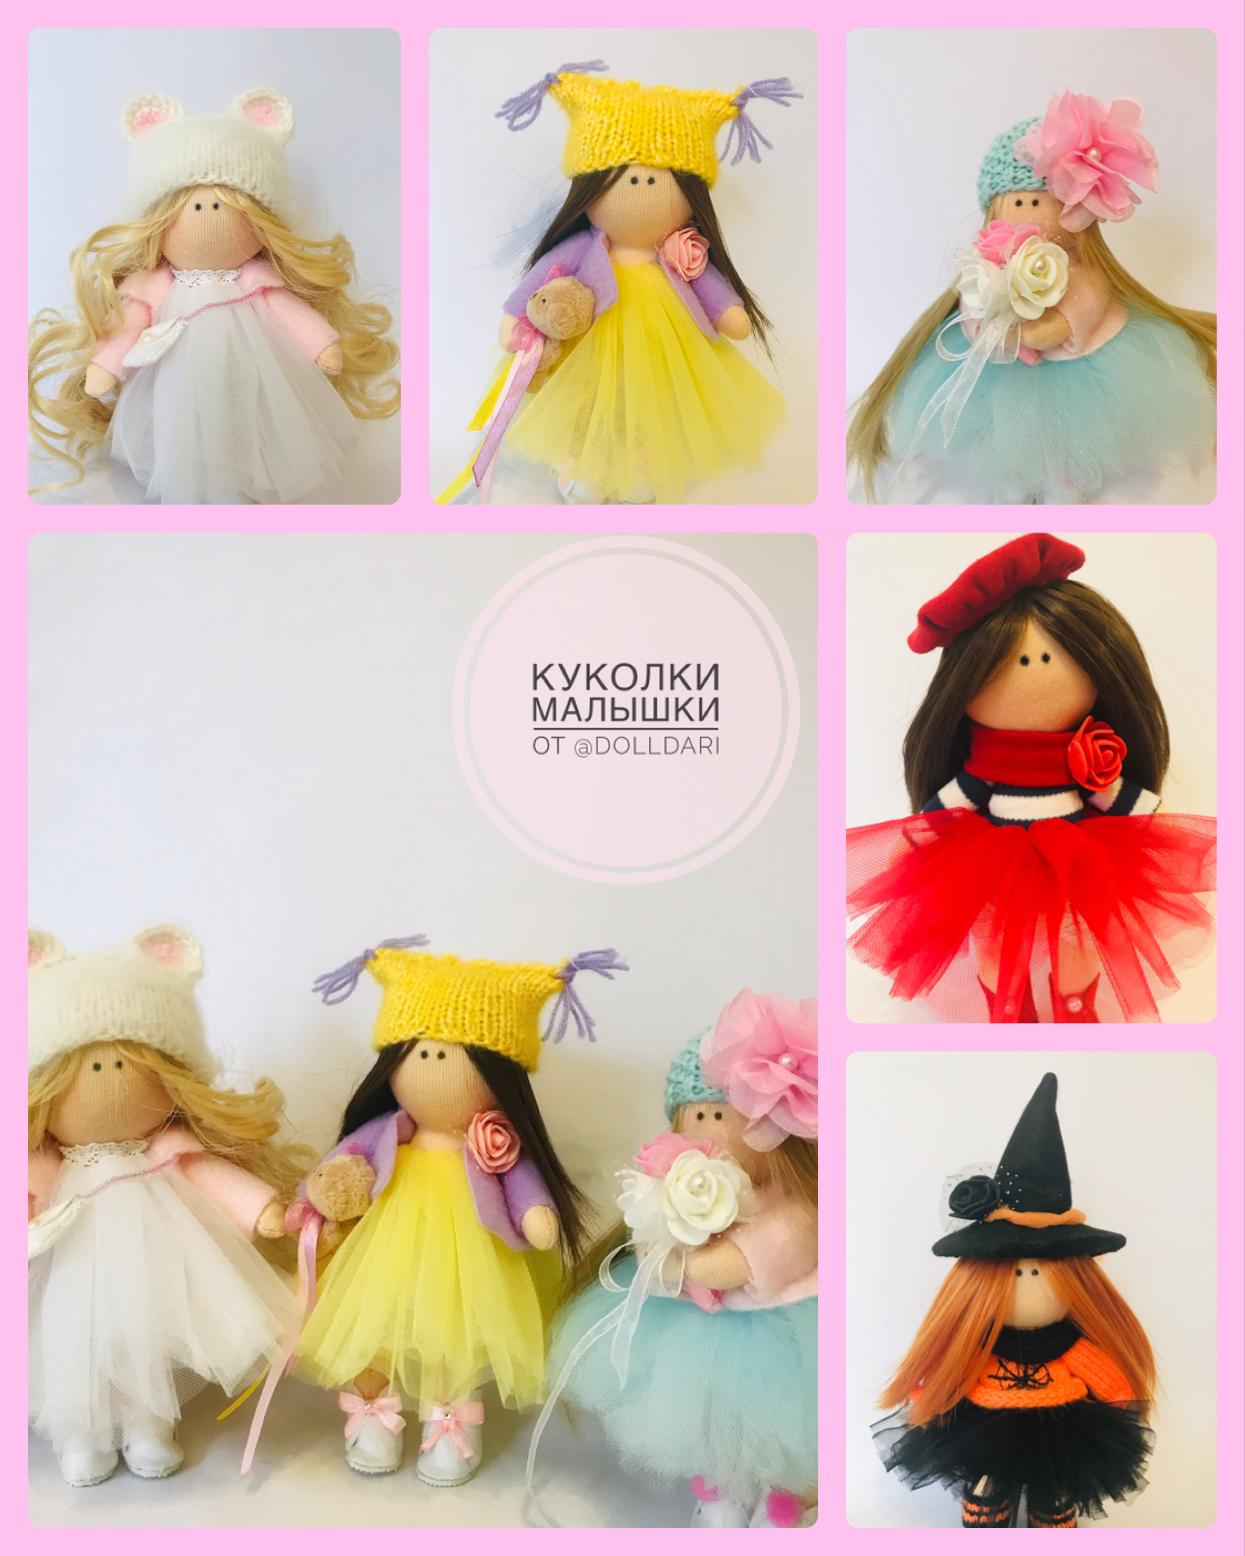 подарокжене семья доброеутро подарок family hobby любовь кукла выходные doll красиво handmade куклабрелок брелокнасумку настроение минитильда dollstagram happу tildamania tildadolls тильдабрелок